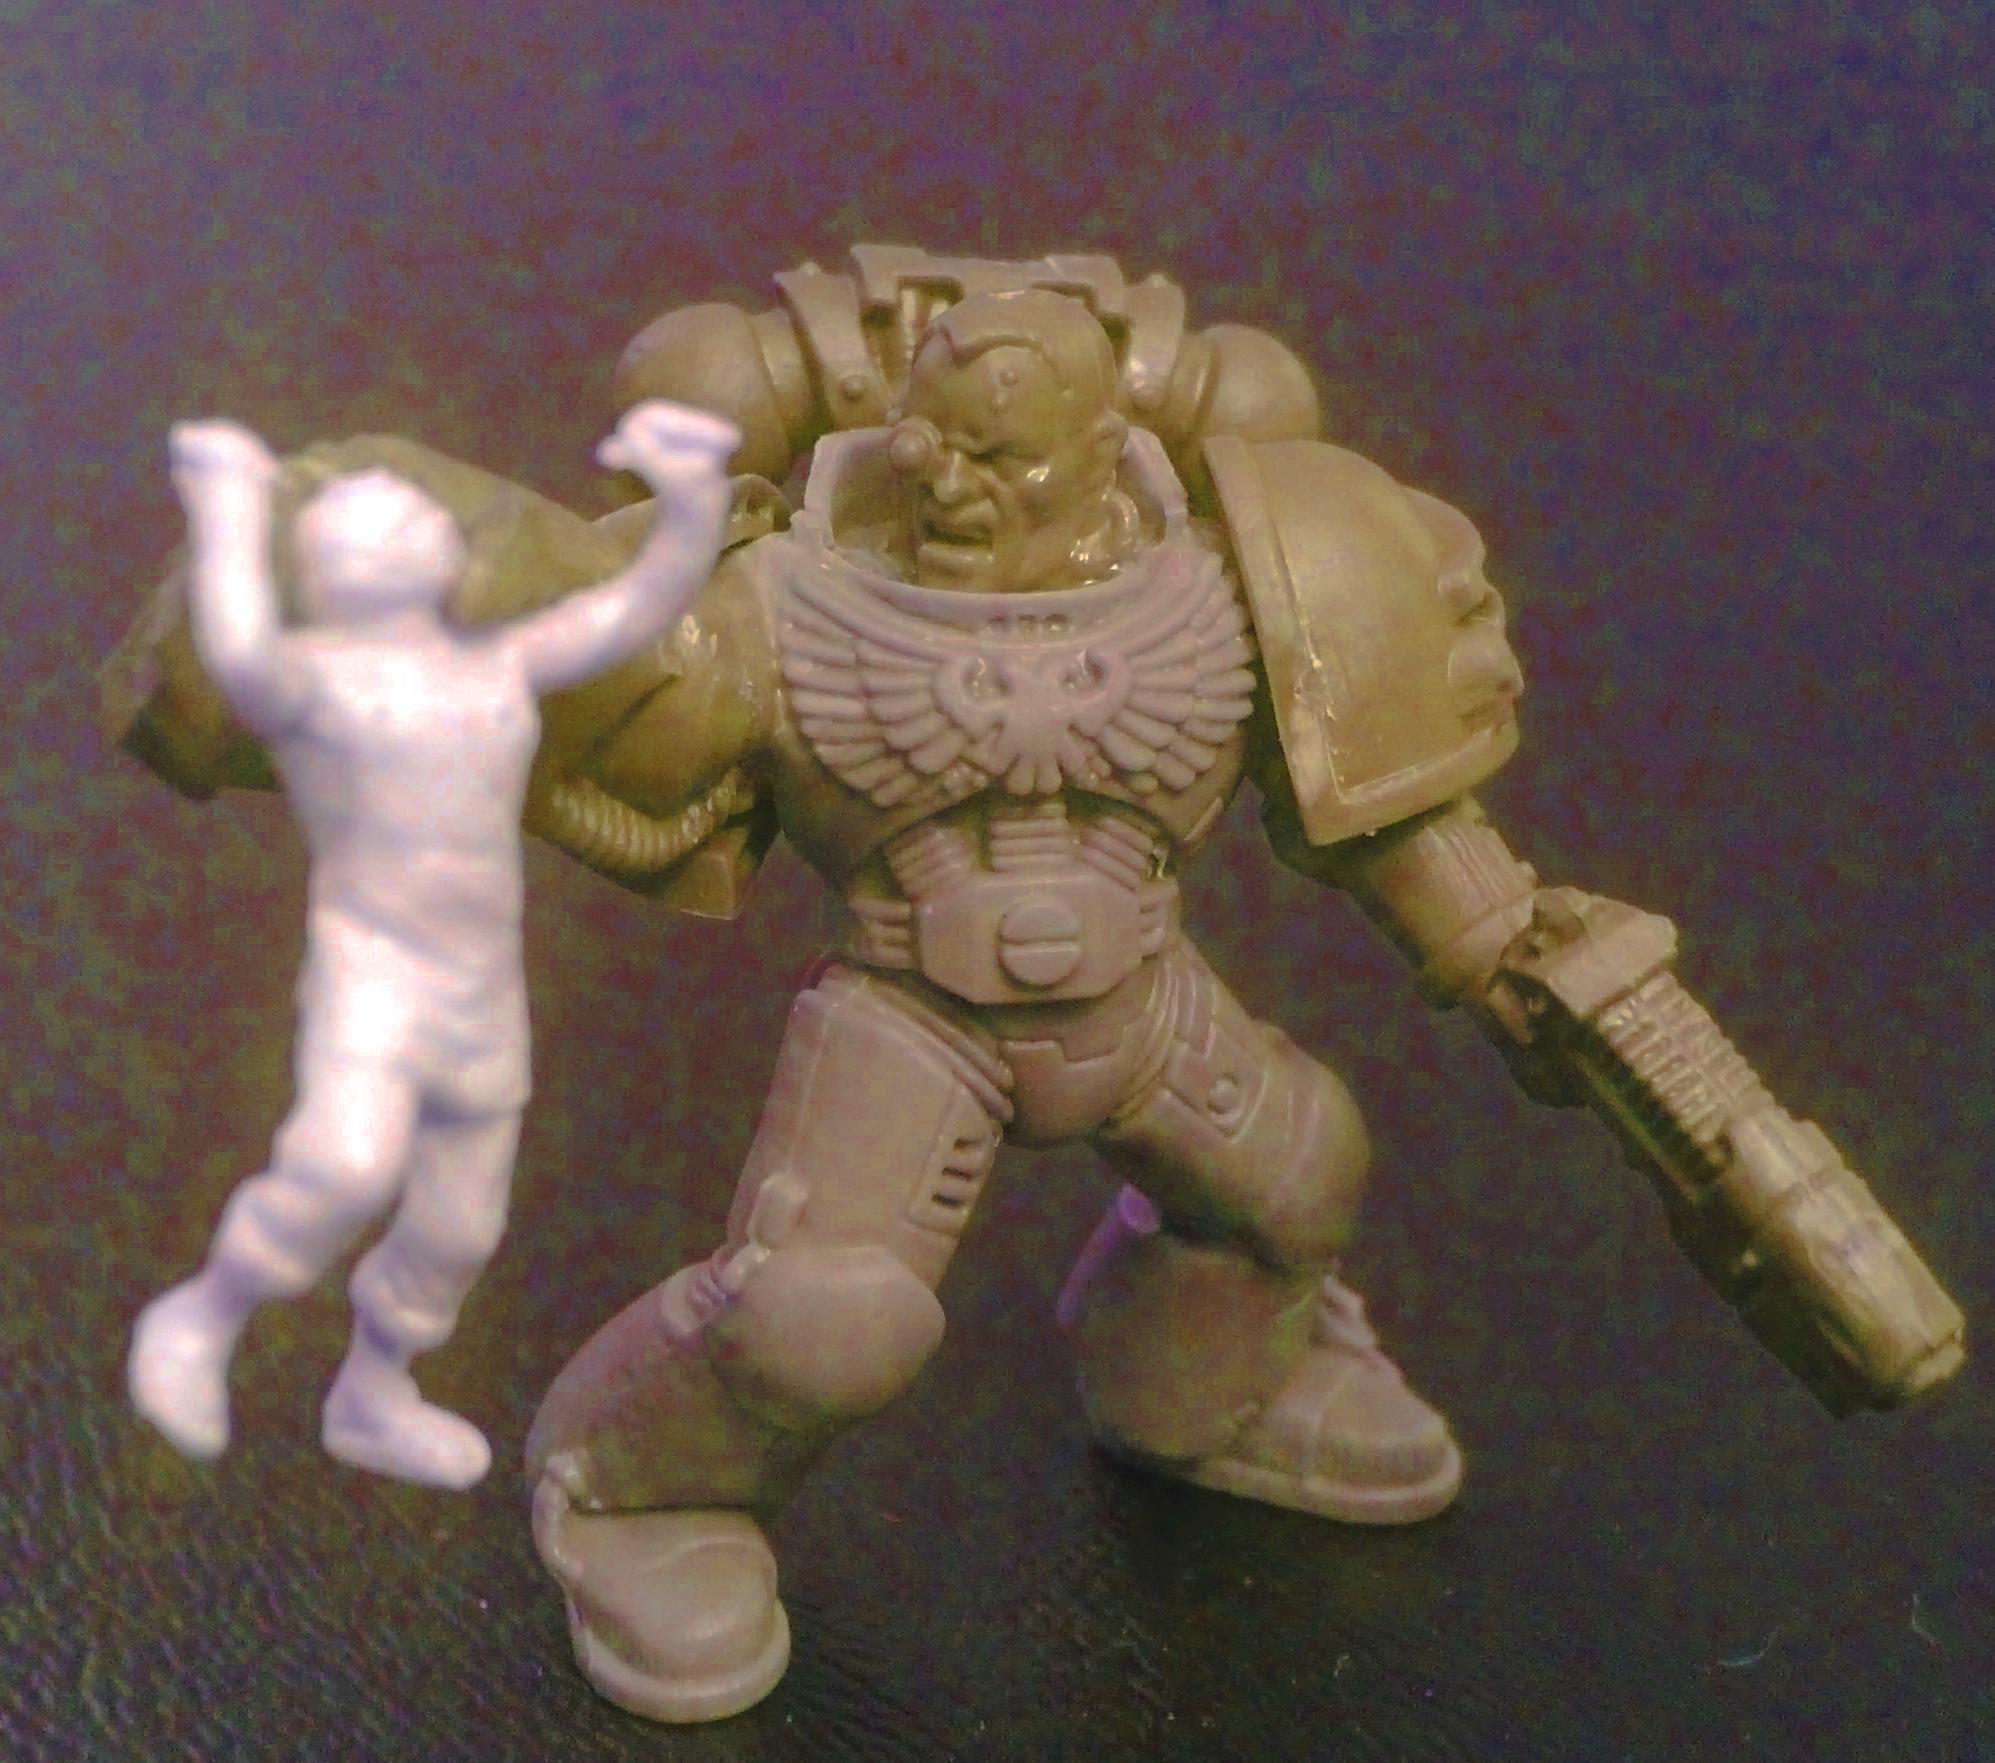 Armor Suit, Army, Astartes, Battlesuit, Future Man, Giant, Human, Imperium, Man, Military, Space Marines, Space Suit, Spacemarine, Transhuman, Warhammer 40,000, Warhammer Fantasy